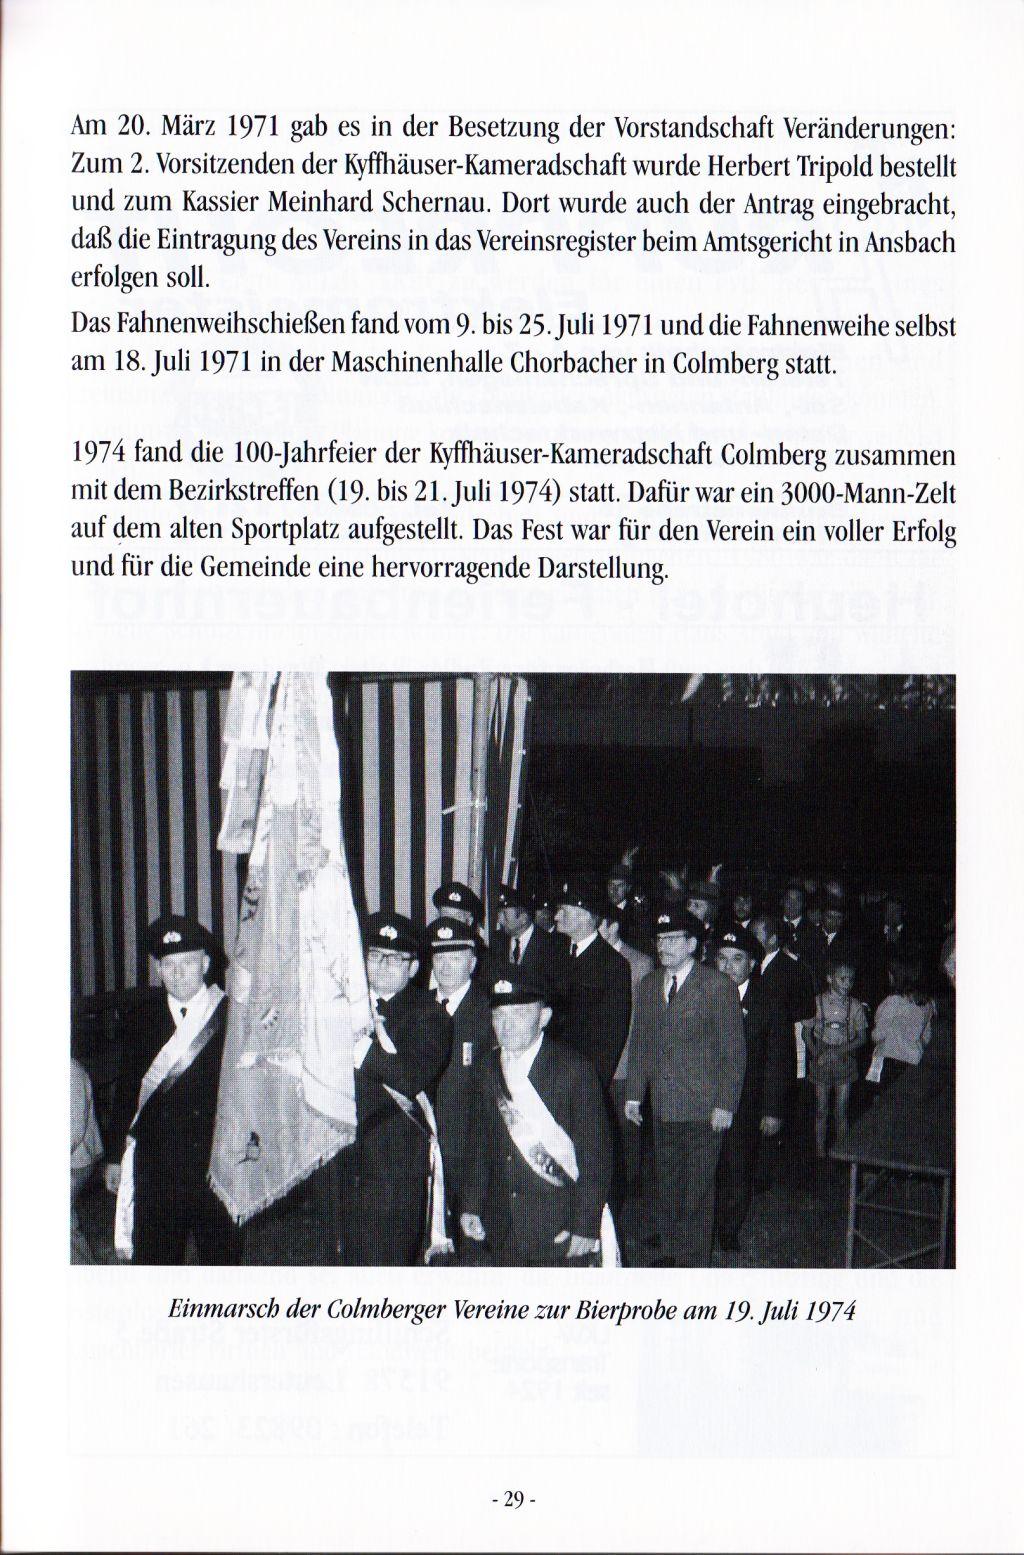 Geschichte_Kyffhaeuser_Seite9